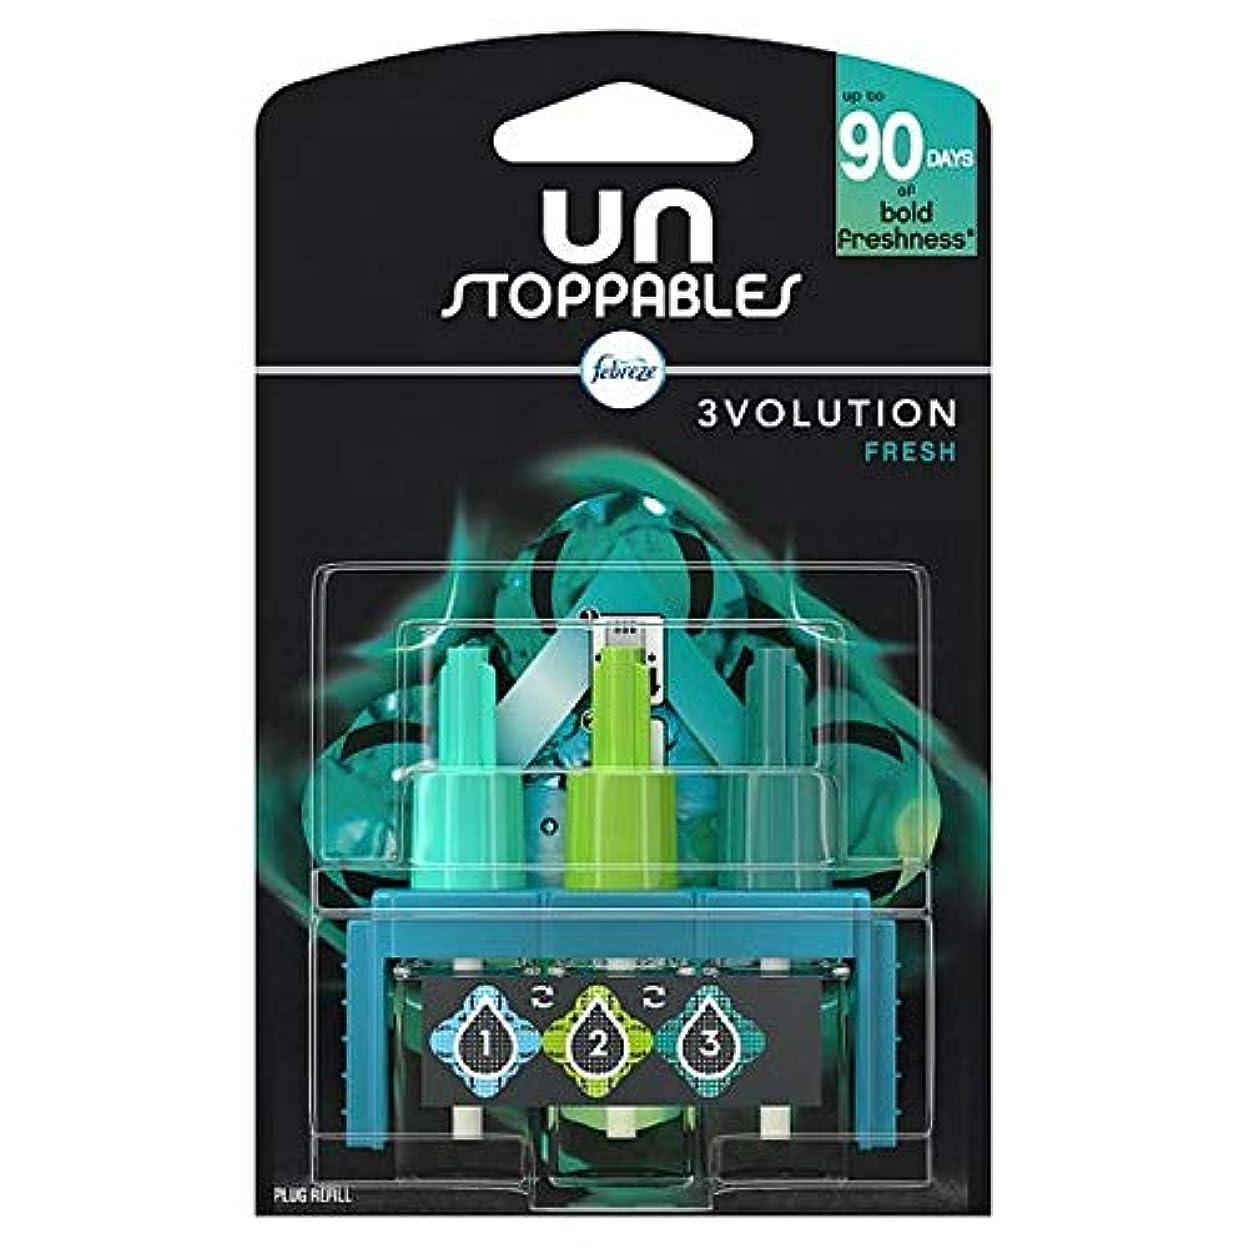 教養があるおもしろい咳[Febreze] リフィル20ミリリットルでUnstoppables 3Volution新鮮なプラグイン - Unstoppables 3Volution Fresh Plug In Refill 20Ml [並行輸入品]